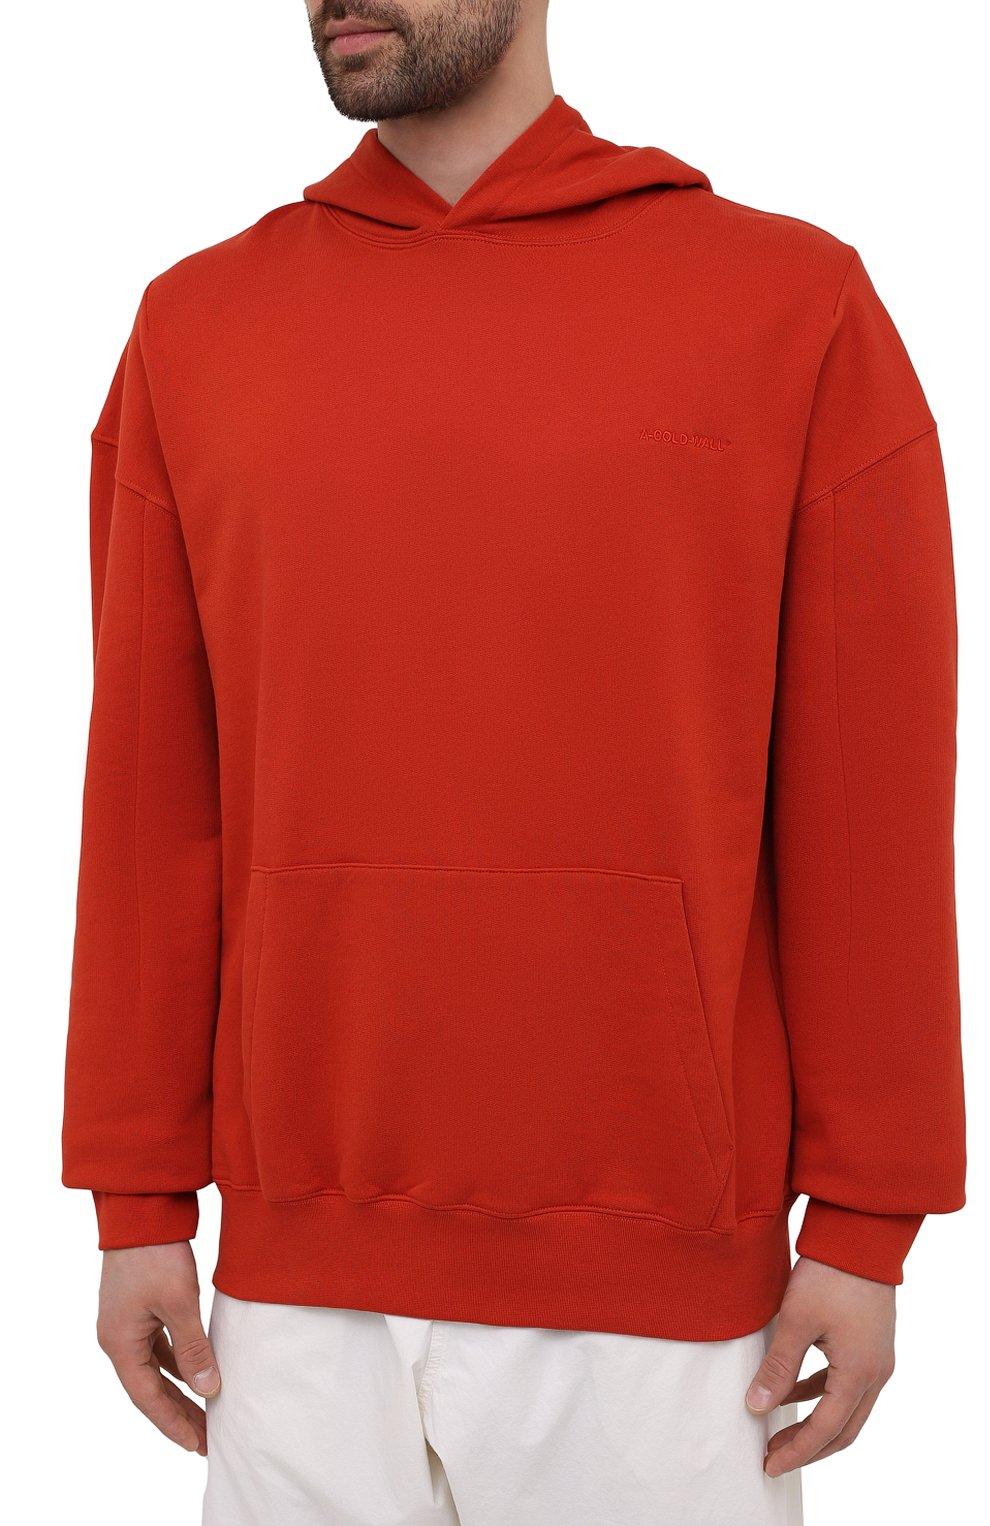 Мужской хлопковое худи A-COLD-WALL* красного цвета, арт. ACWMW033 | Фото 3 (Рукава: Длинные; Принт: Без принта; Длина (для топов): Стандартные; Мужское Кросс-КТ: Худи-одежда; Материал внешний: Хлопок; Стили: Минимализм)